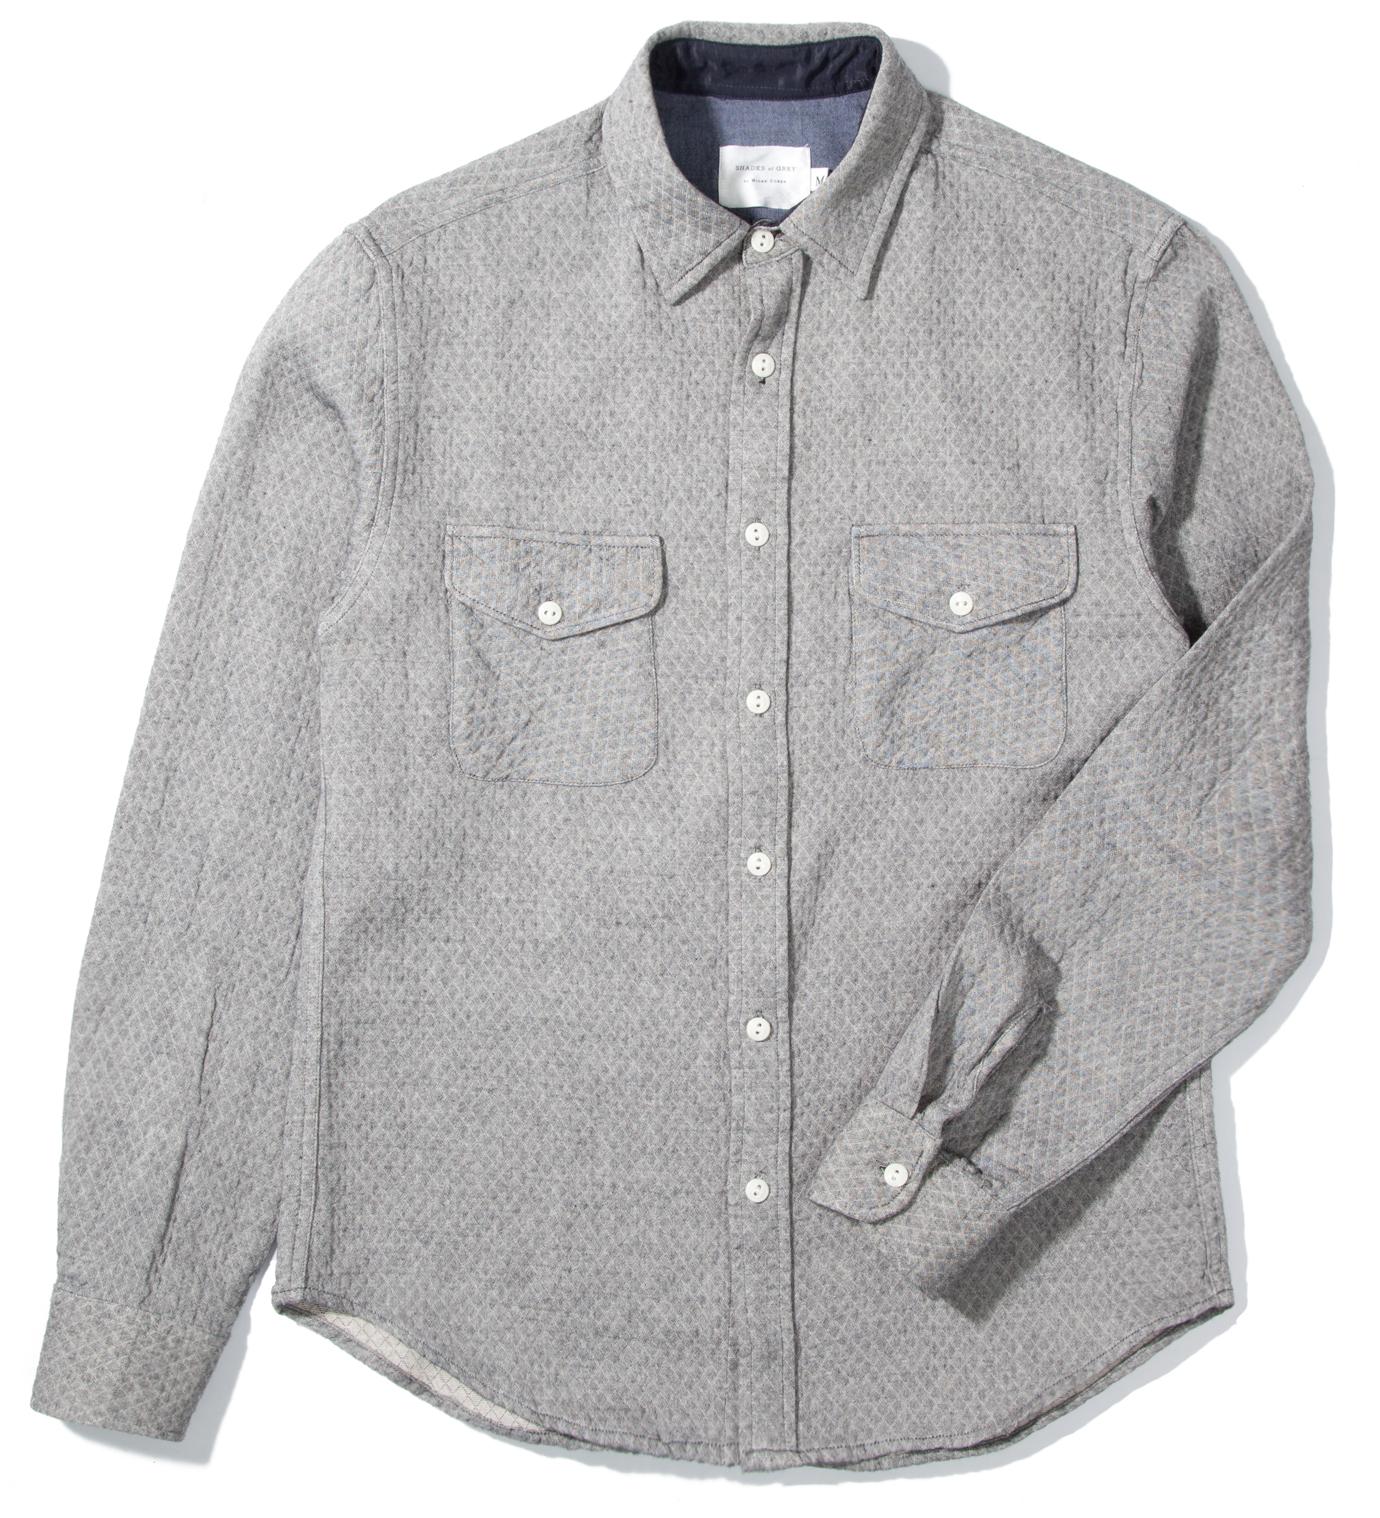 Shades of Grey by Micah Cohen Grey Diamond 2 Pocket Shirt